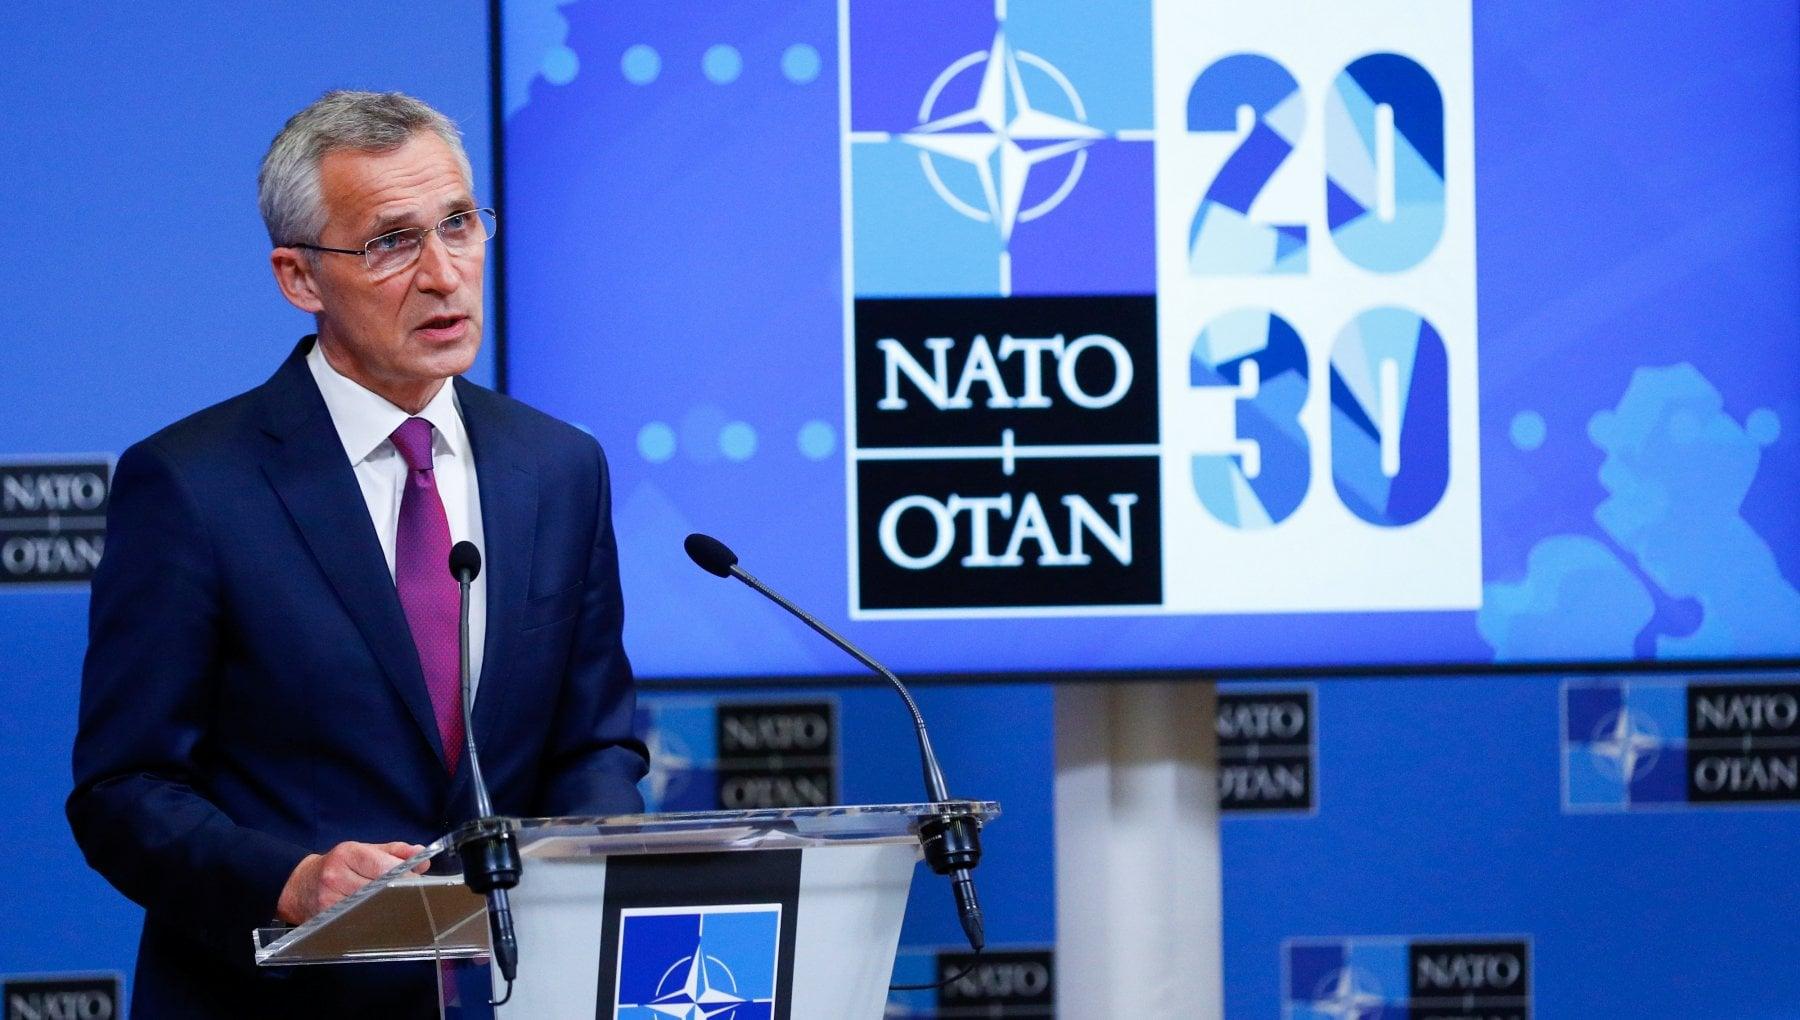 """160702773 cf25420d e4e8 456e a683 ce8a0dabdb59 - Jens Stoltenberg, segretario generale della Nato: """"Dall'alleanza tra Cina e Russia nuovi pericoli per l'Occidente"""""""